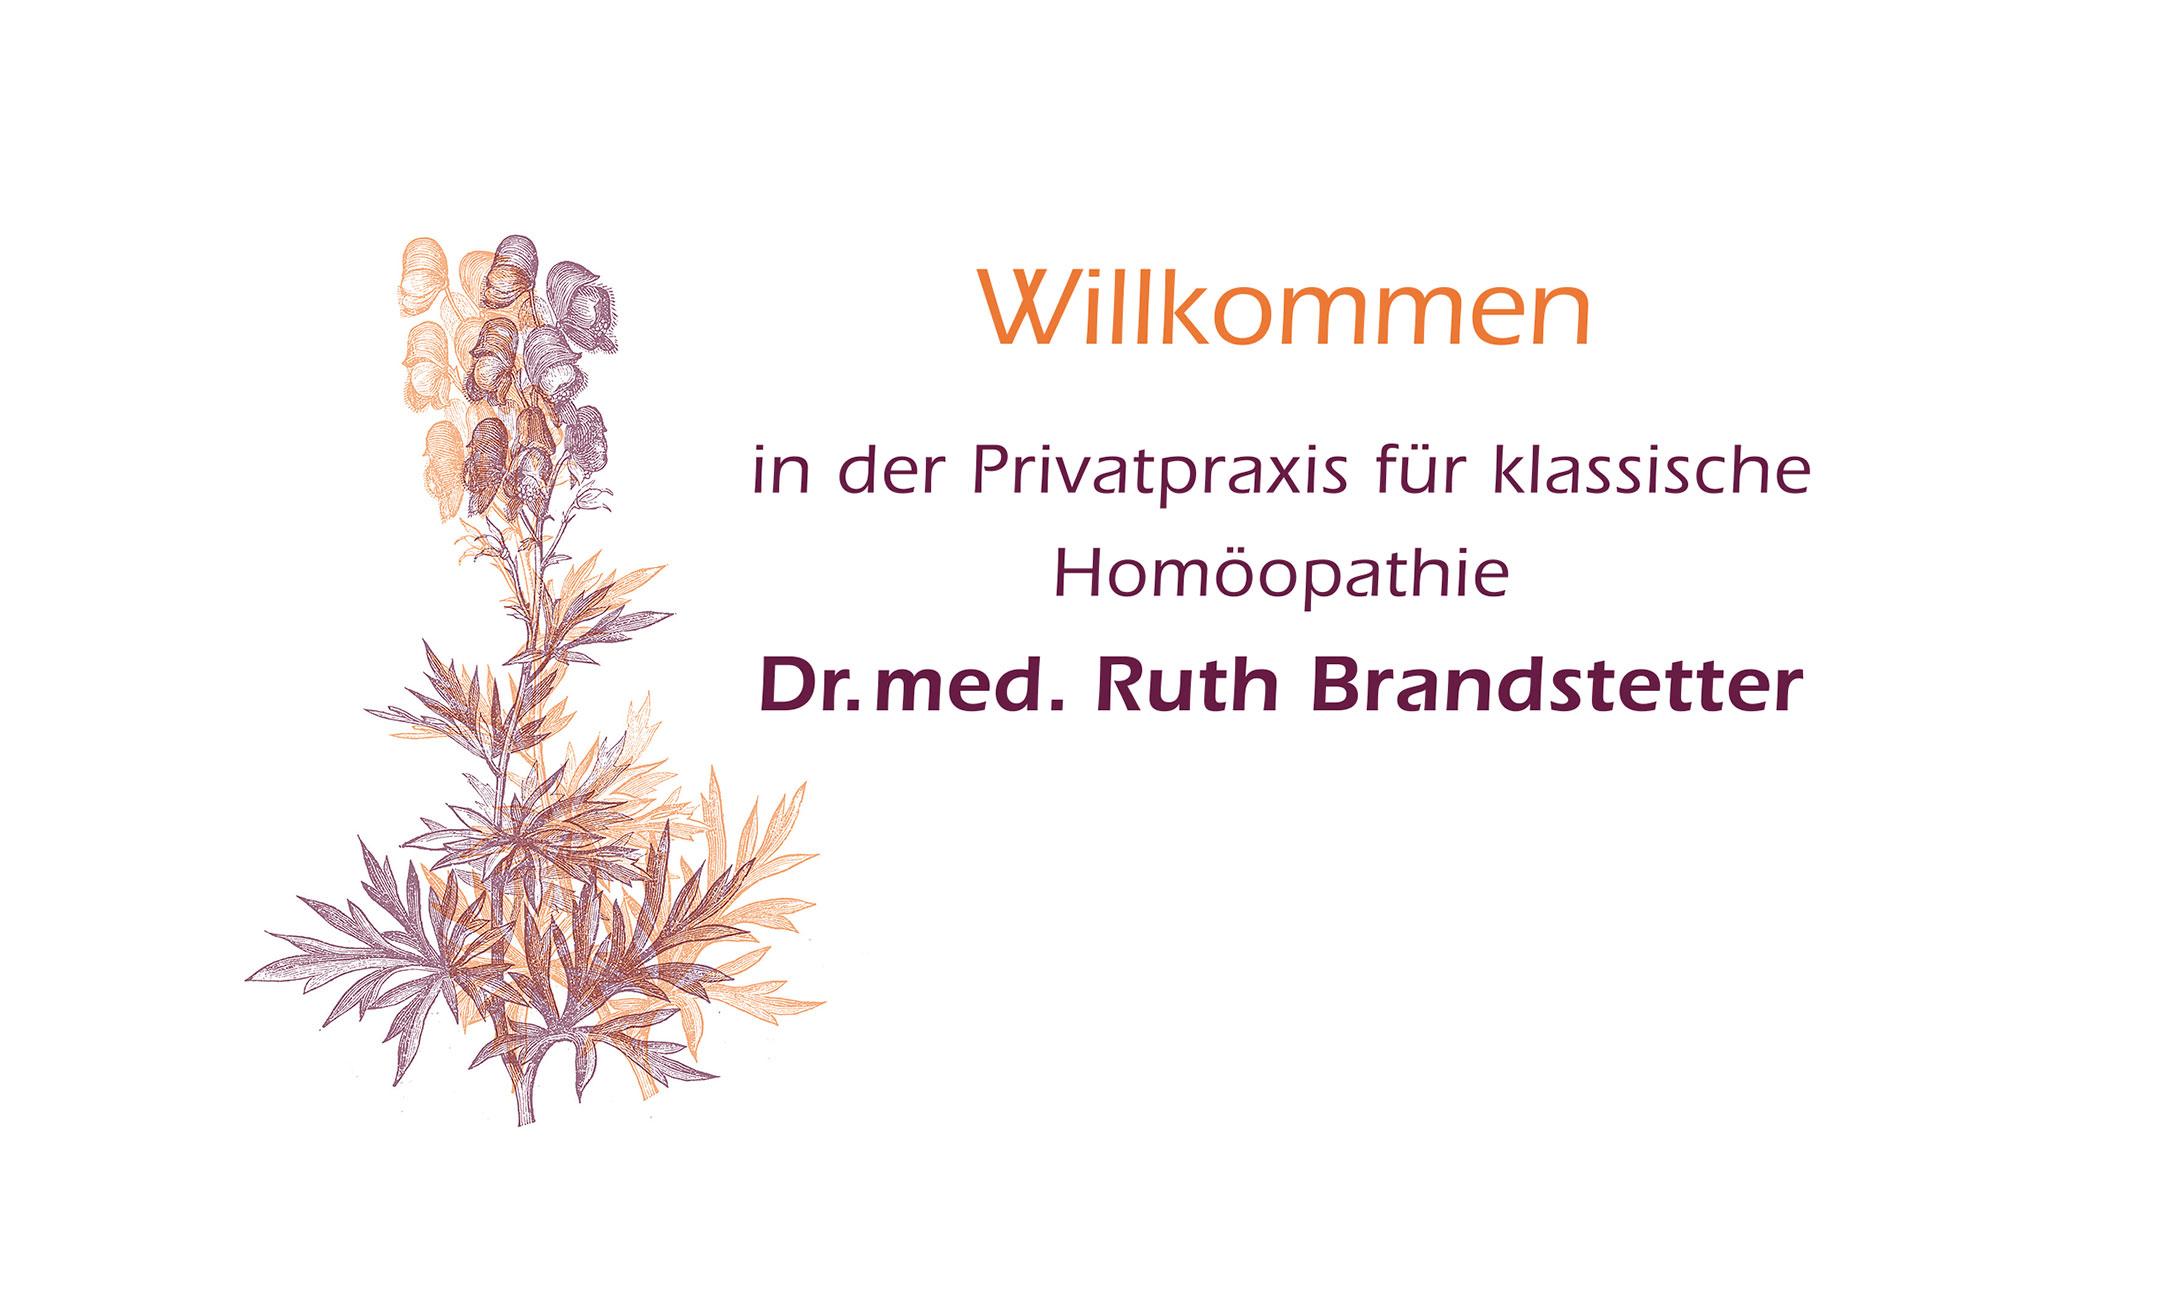 Privatpraxis für klassische Homöopathie Dr. med. Ruth Brandstetter - Willkommen!